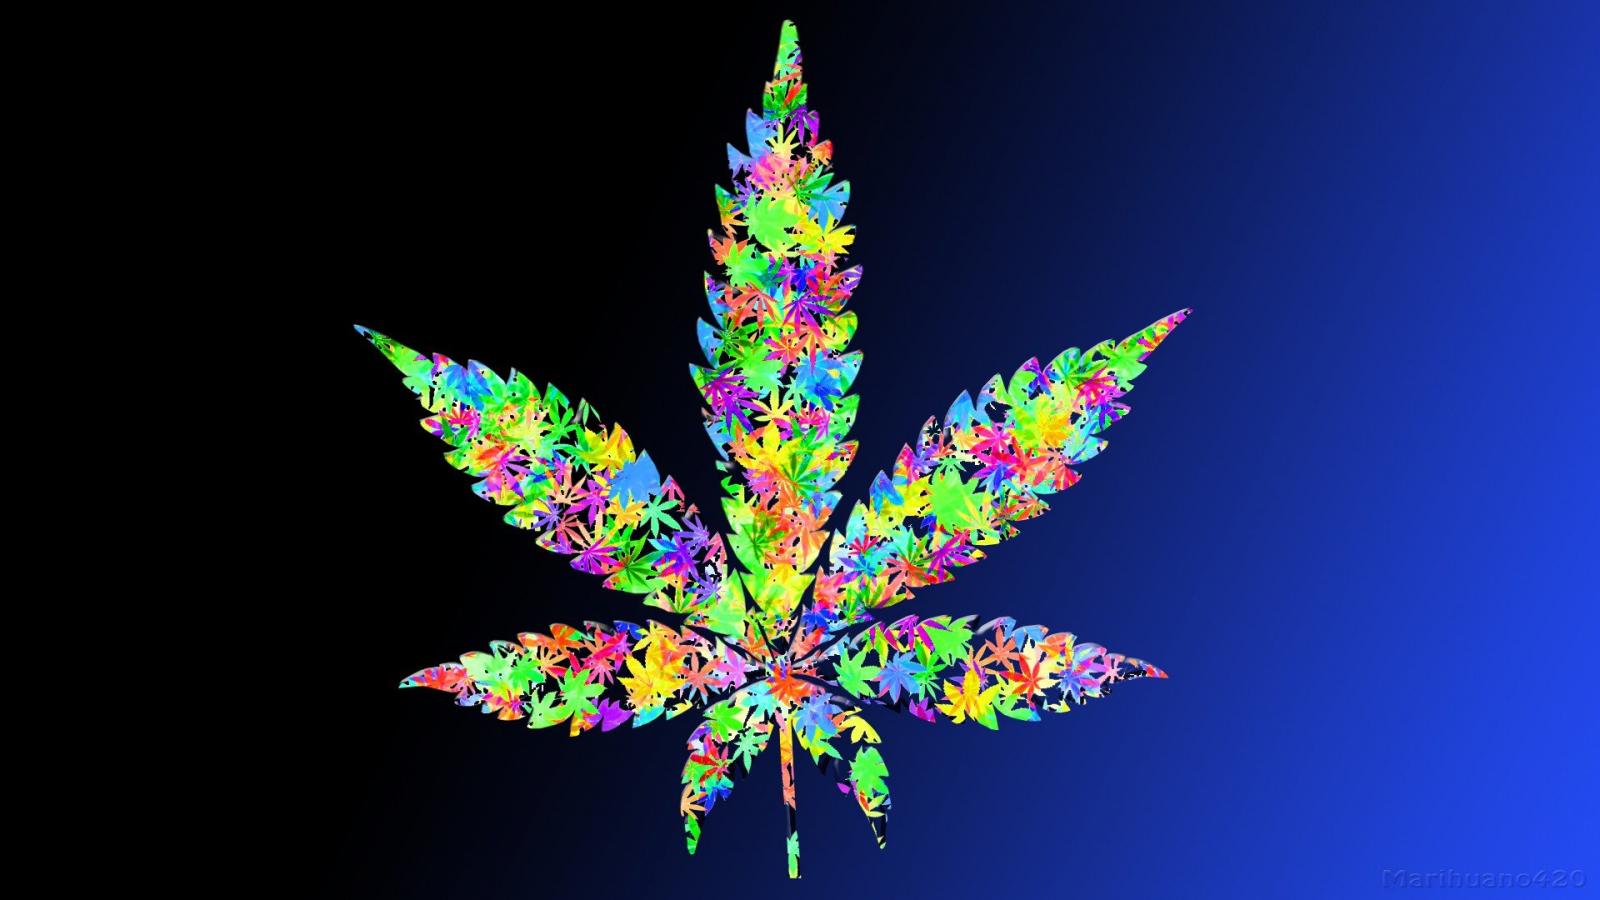 Free Download Leaf Drugs Leaves Marijuana Weeds Wallpaper 1920x1080 341187 1920x1080 For Your Desktop Mobile Tablet Explore 46 Pot Leaf Wallpaper Live Weed Wallpapers That Move Pot Leaf Wallpapers